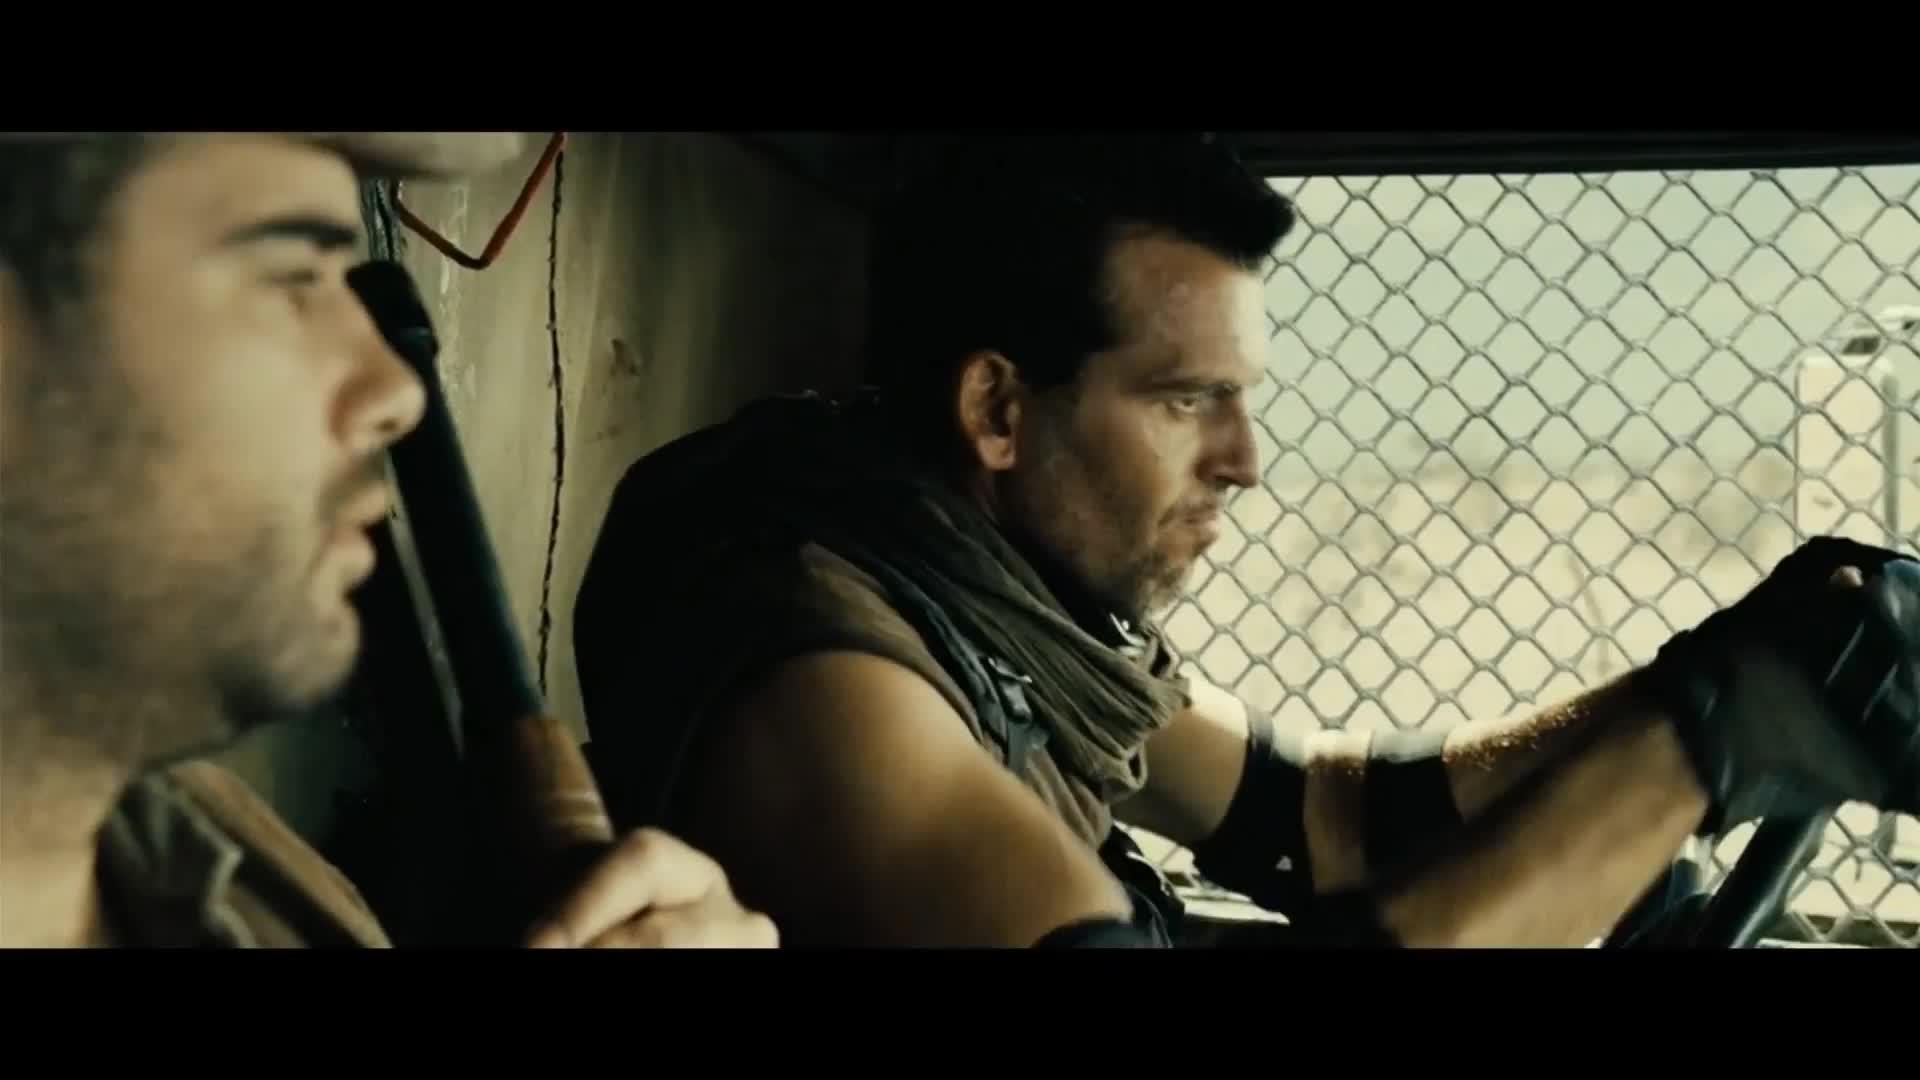 倒放-《生化危机3》乌鸦变异体攻击幸存者